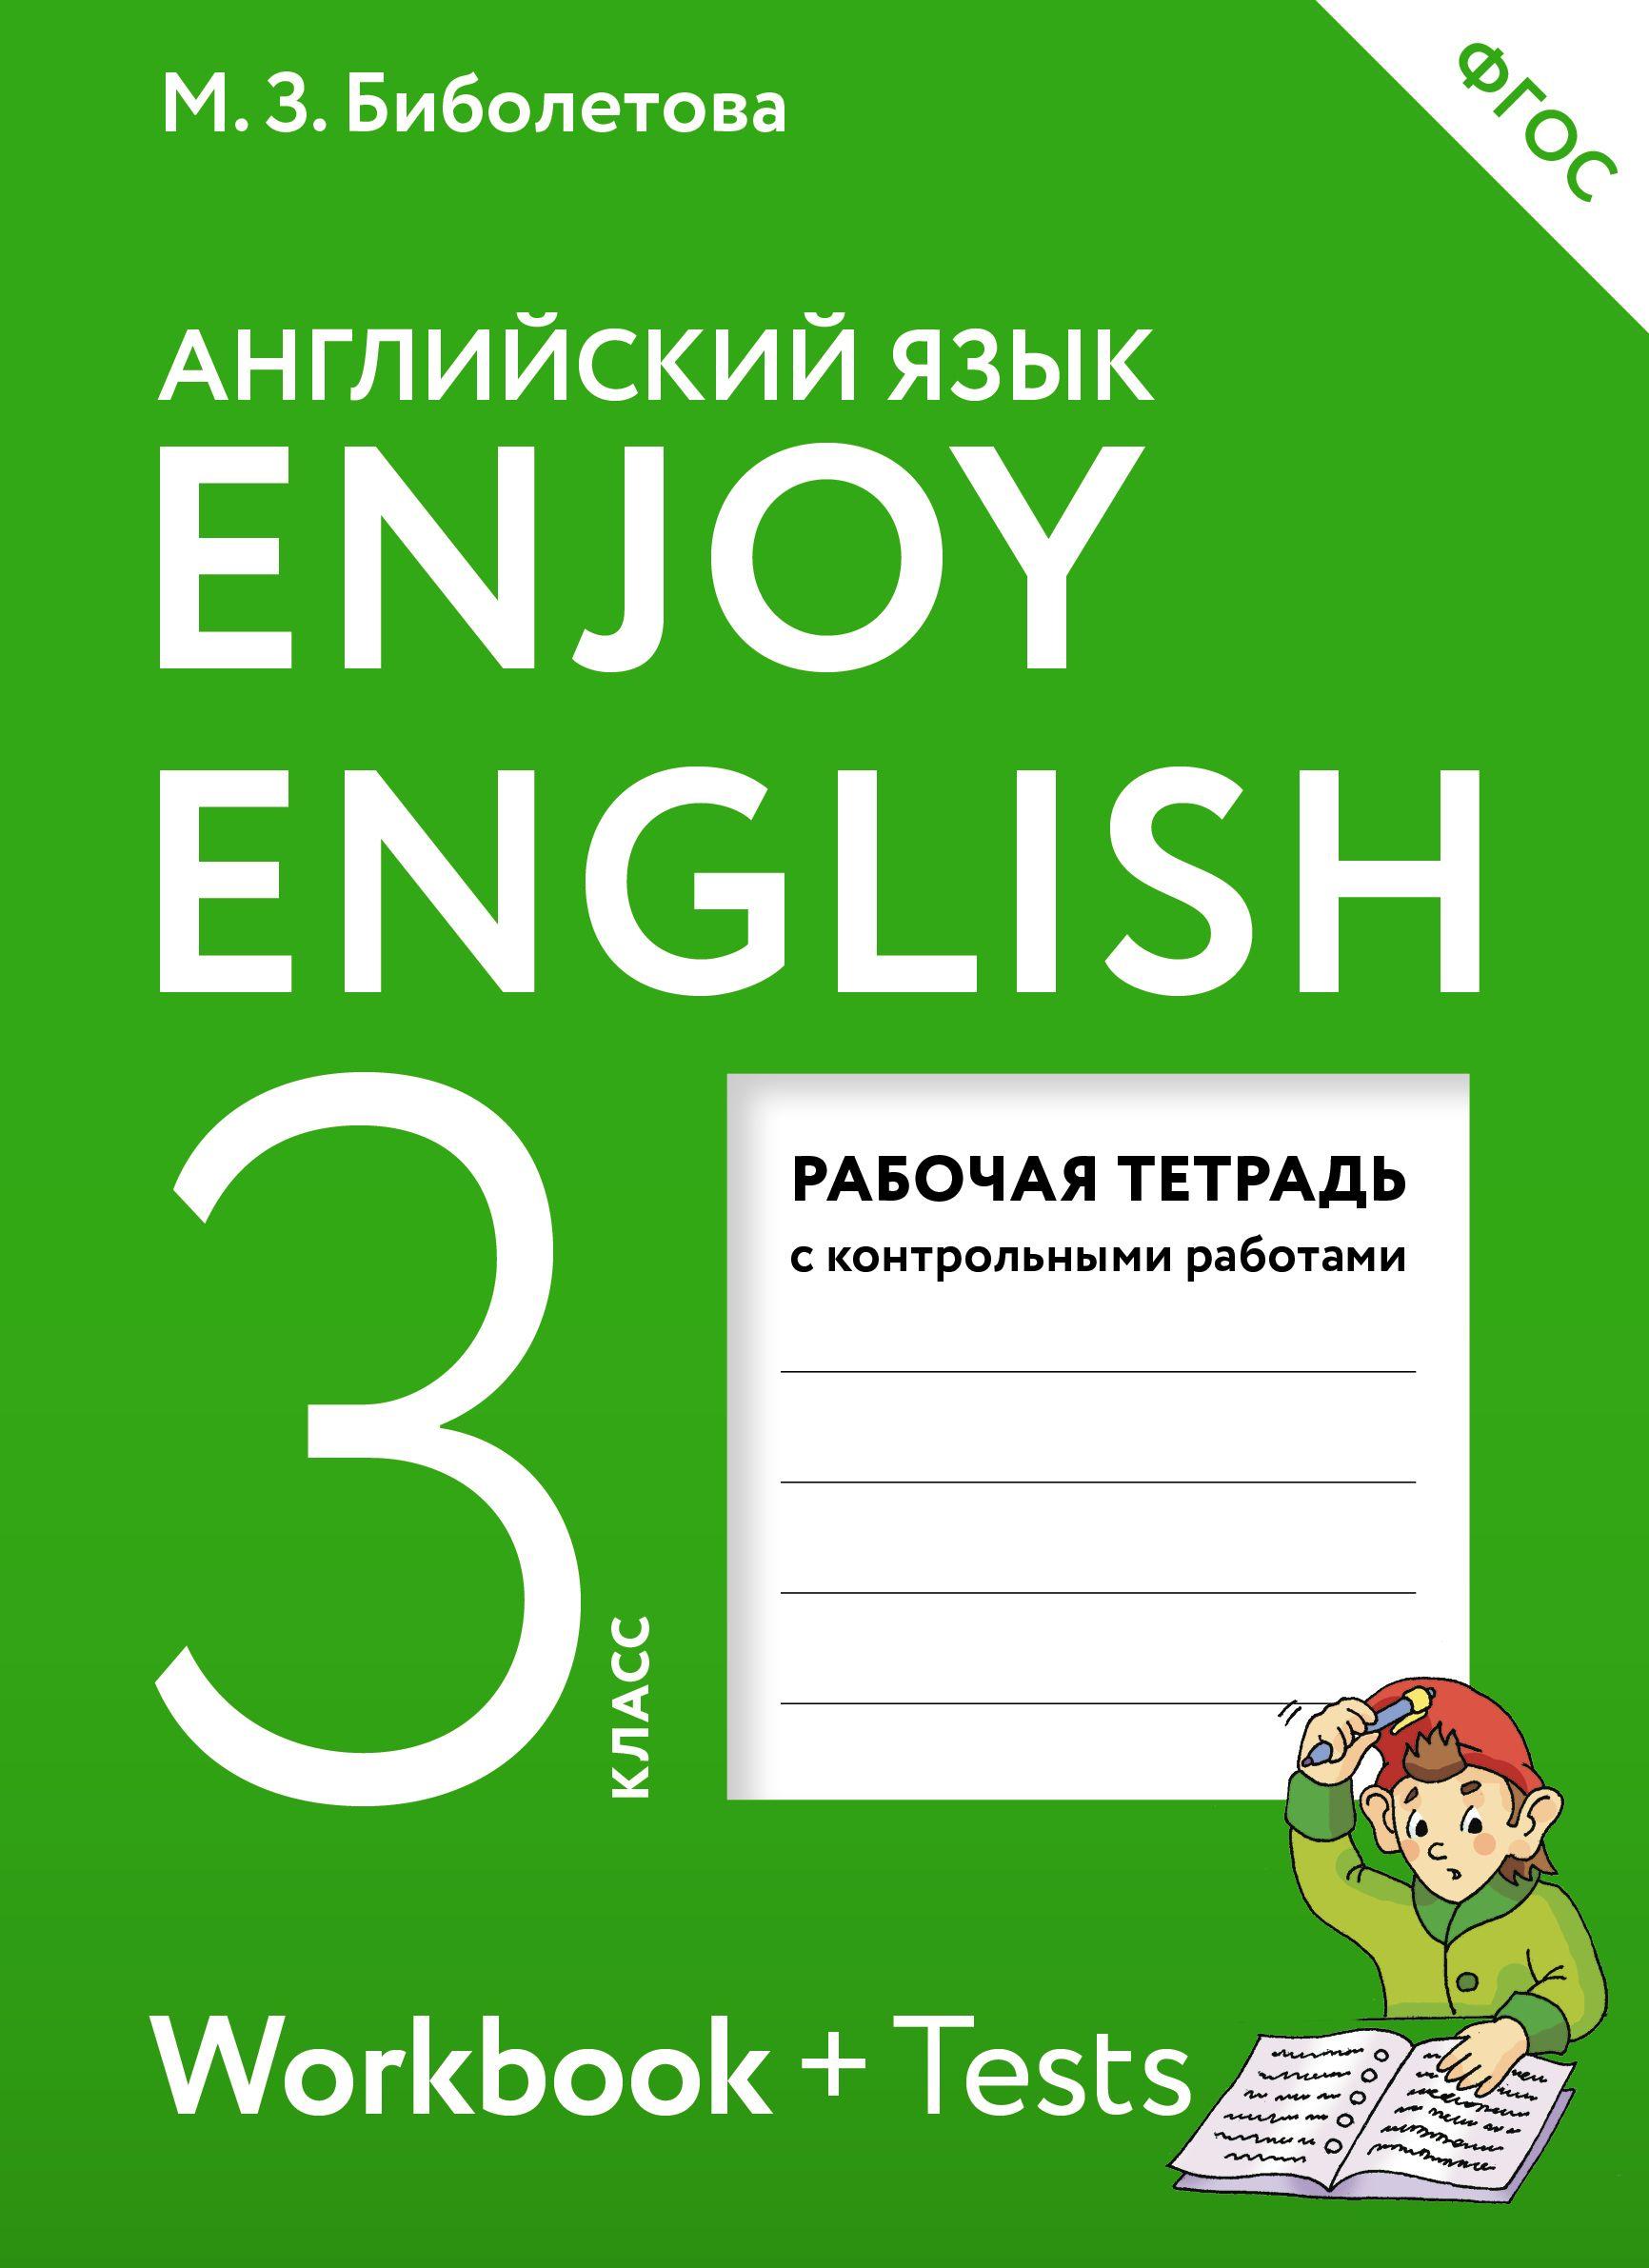 Списывай ру английский 3 класс рабочая тетрадь